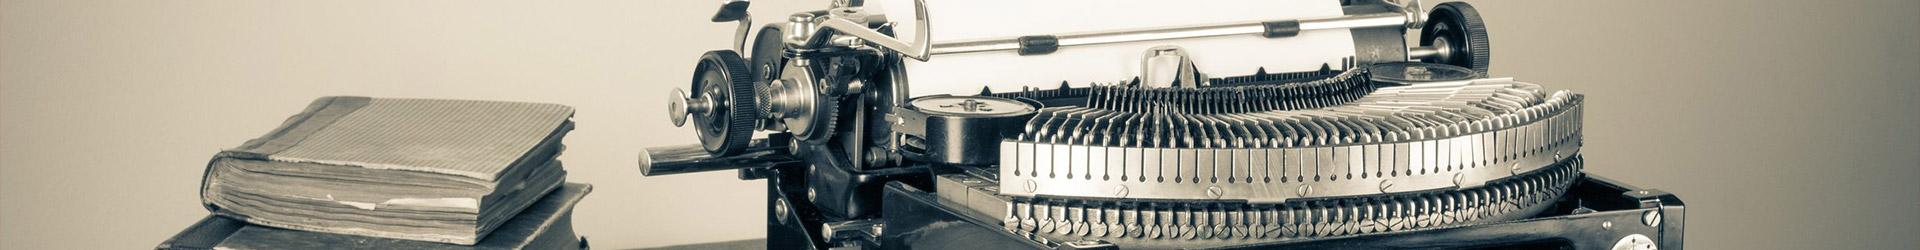 about us typewriter books